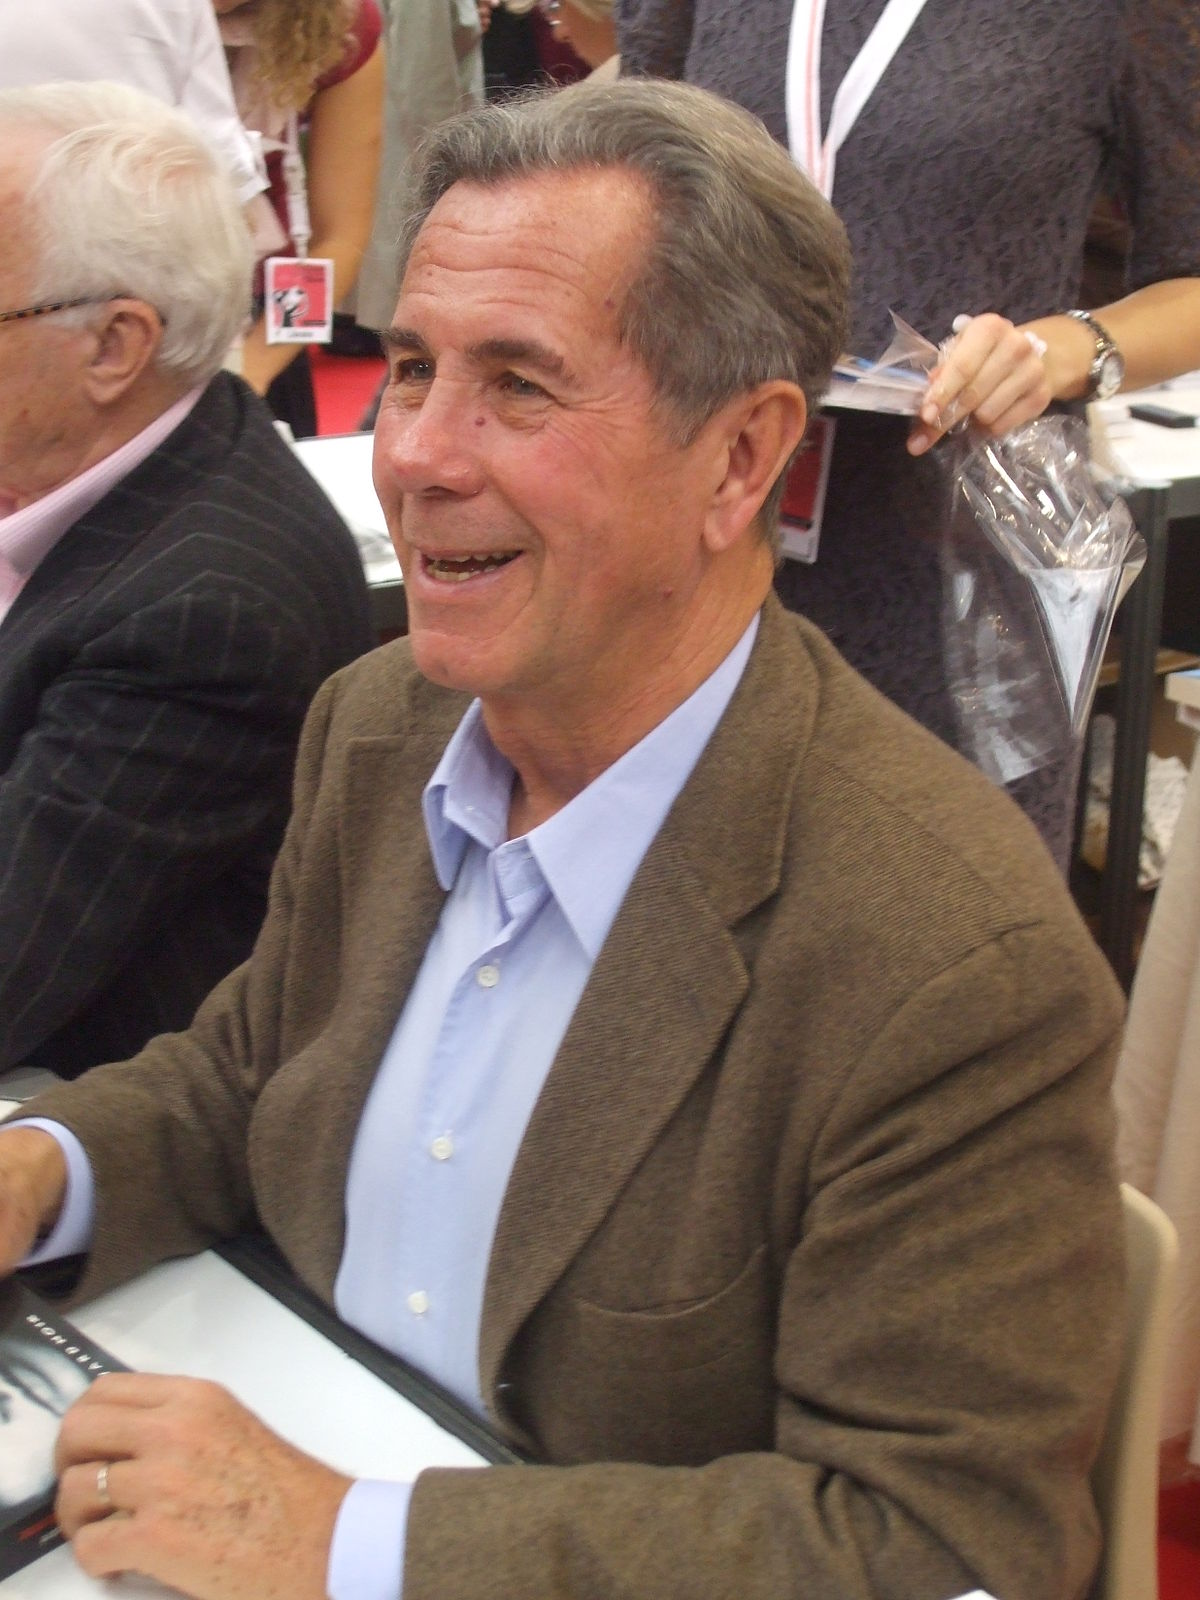 Jean-Louis Debré - Wikipedia, la enciclopedia libre